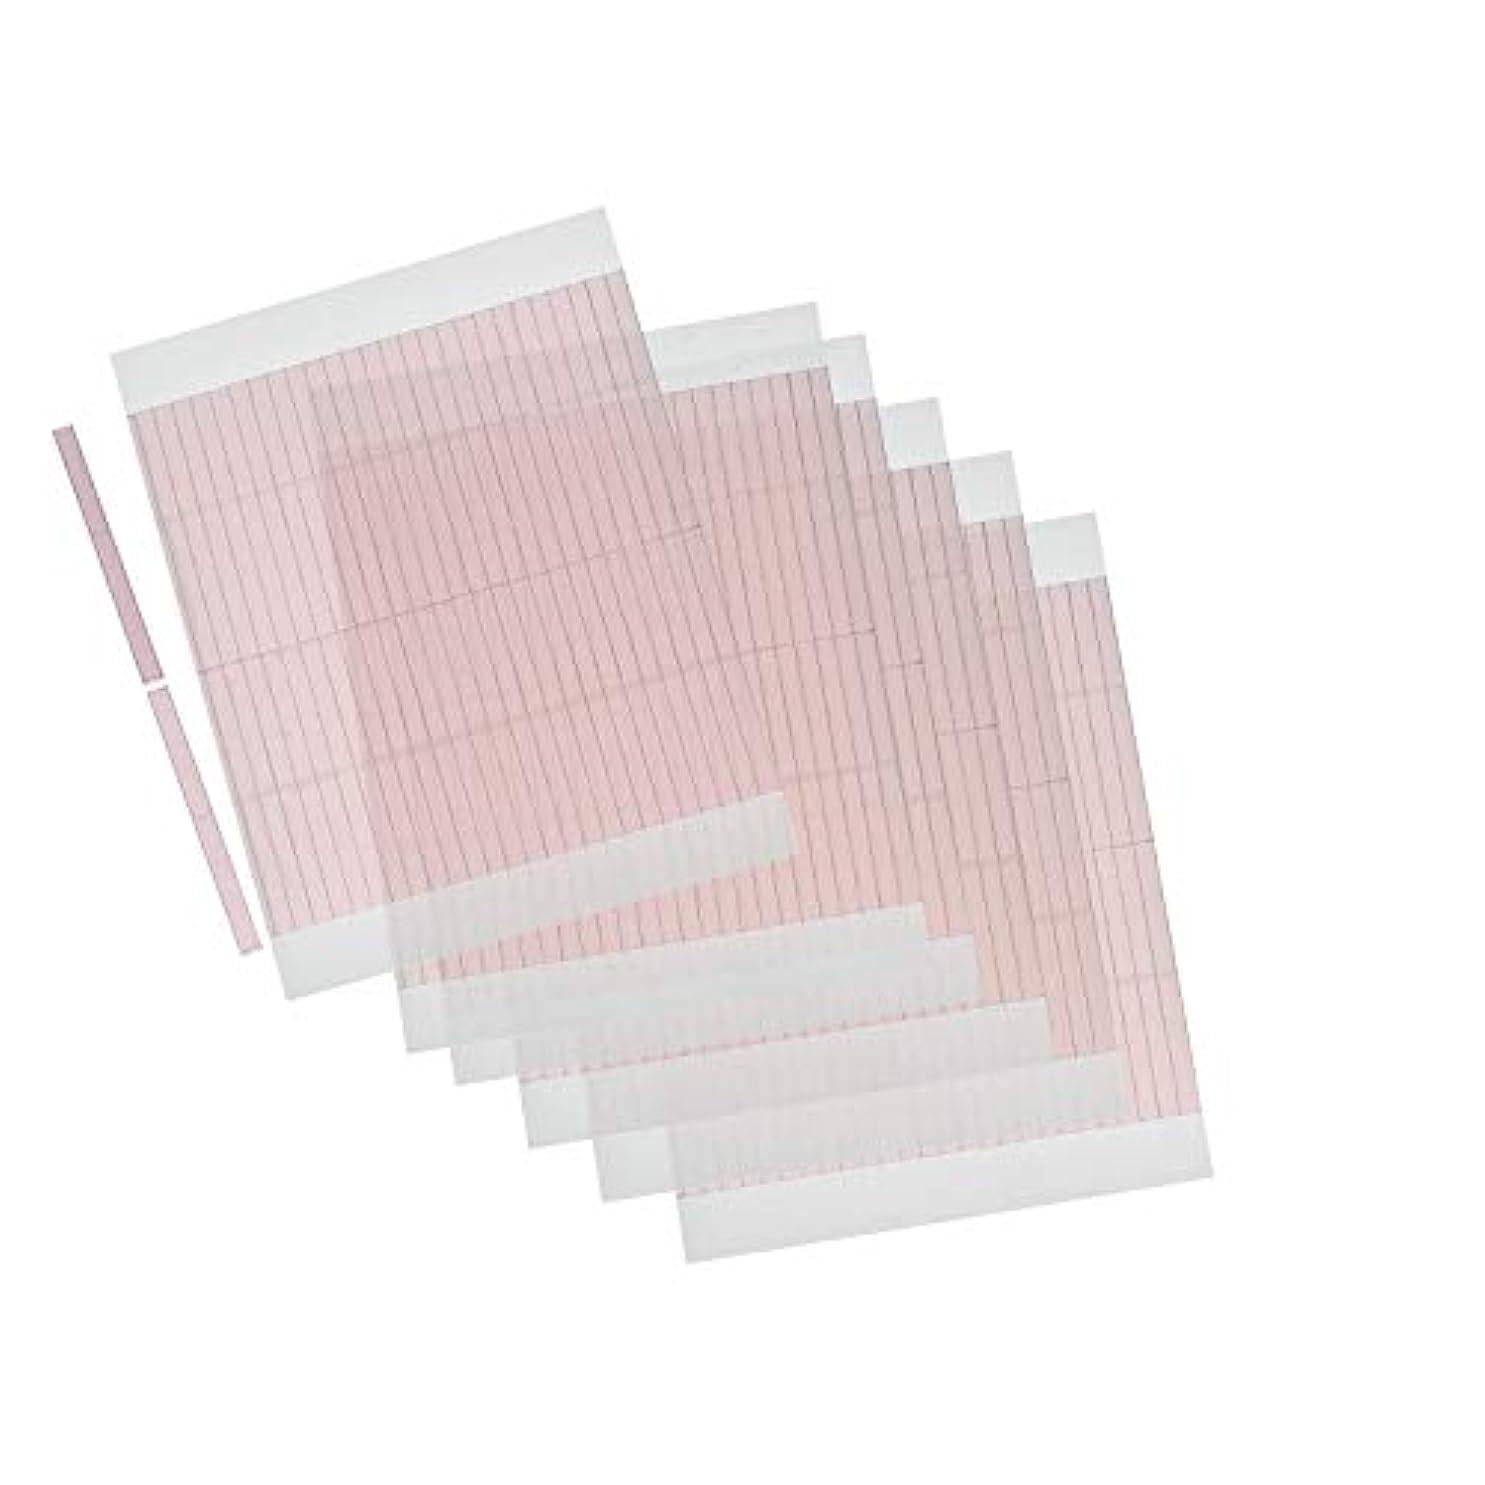 嵐徴収燃やすm.tivance アイテープ 二重瞼形成 二重テープ 5シートセット 260本入り/アイテープ5枚セット